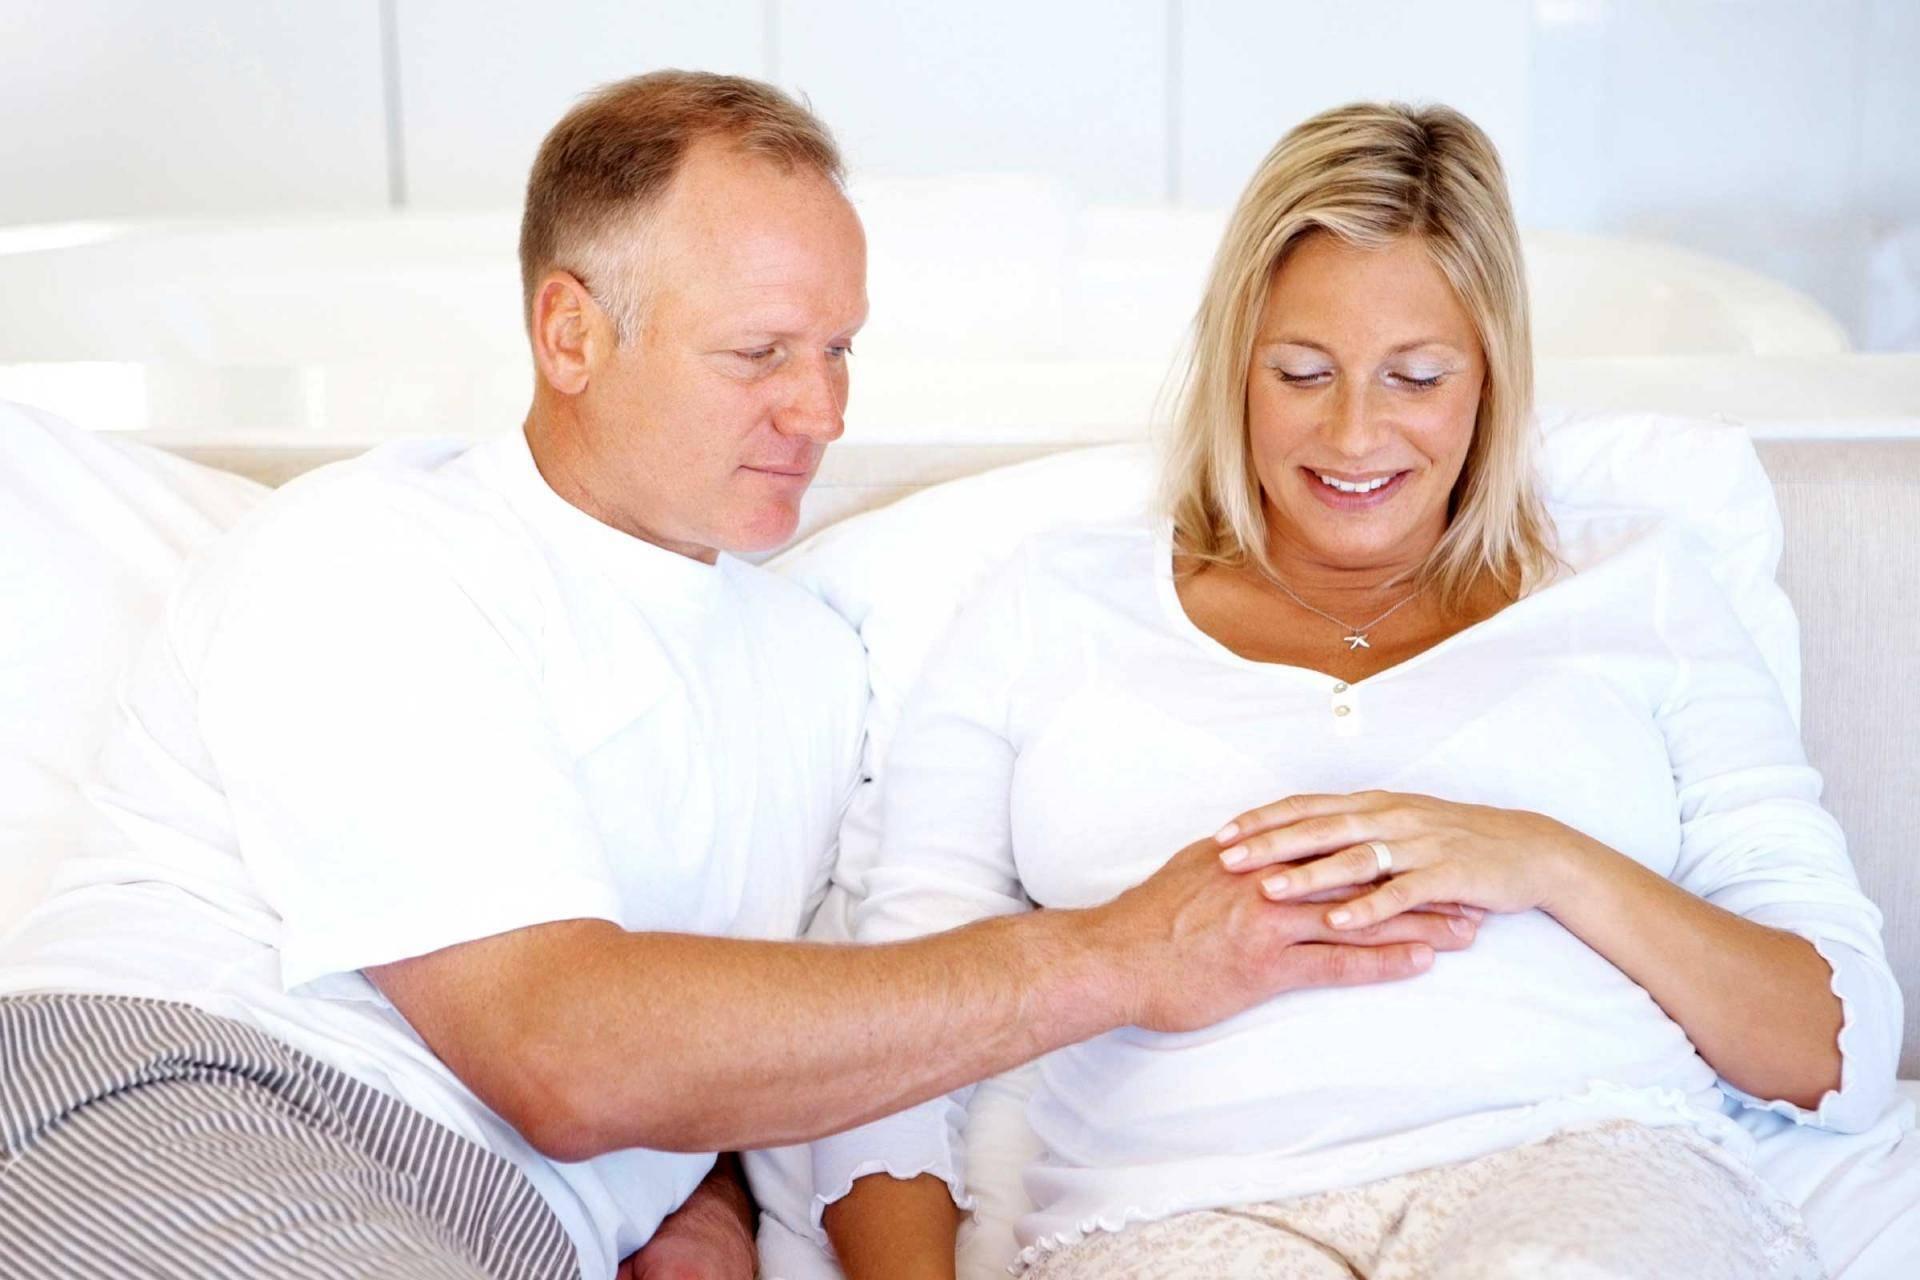 Уже поздно: почему опасно рожать после 40 лет